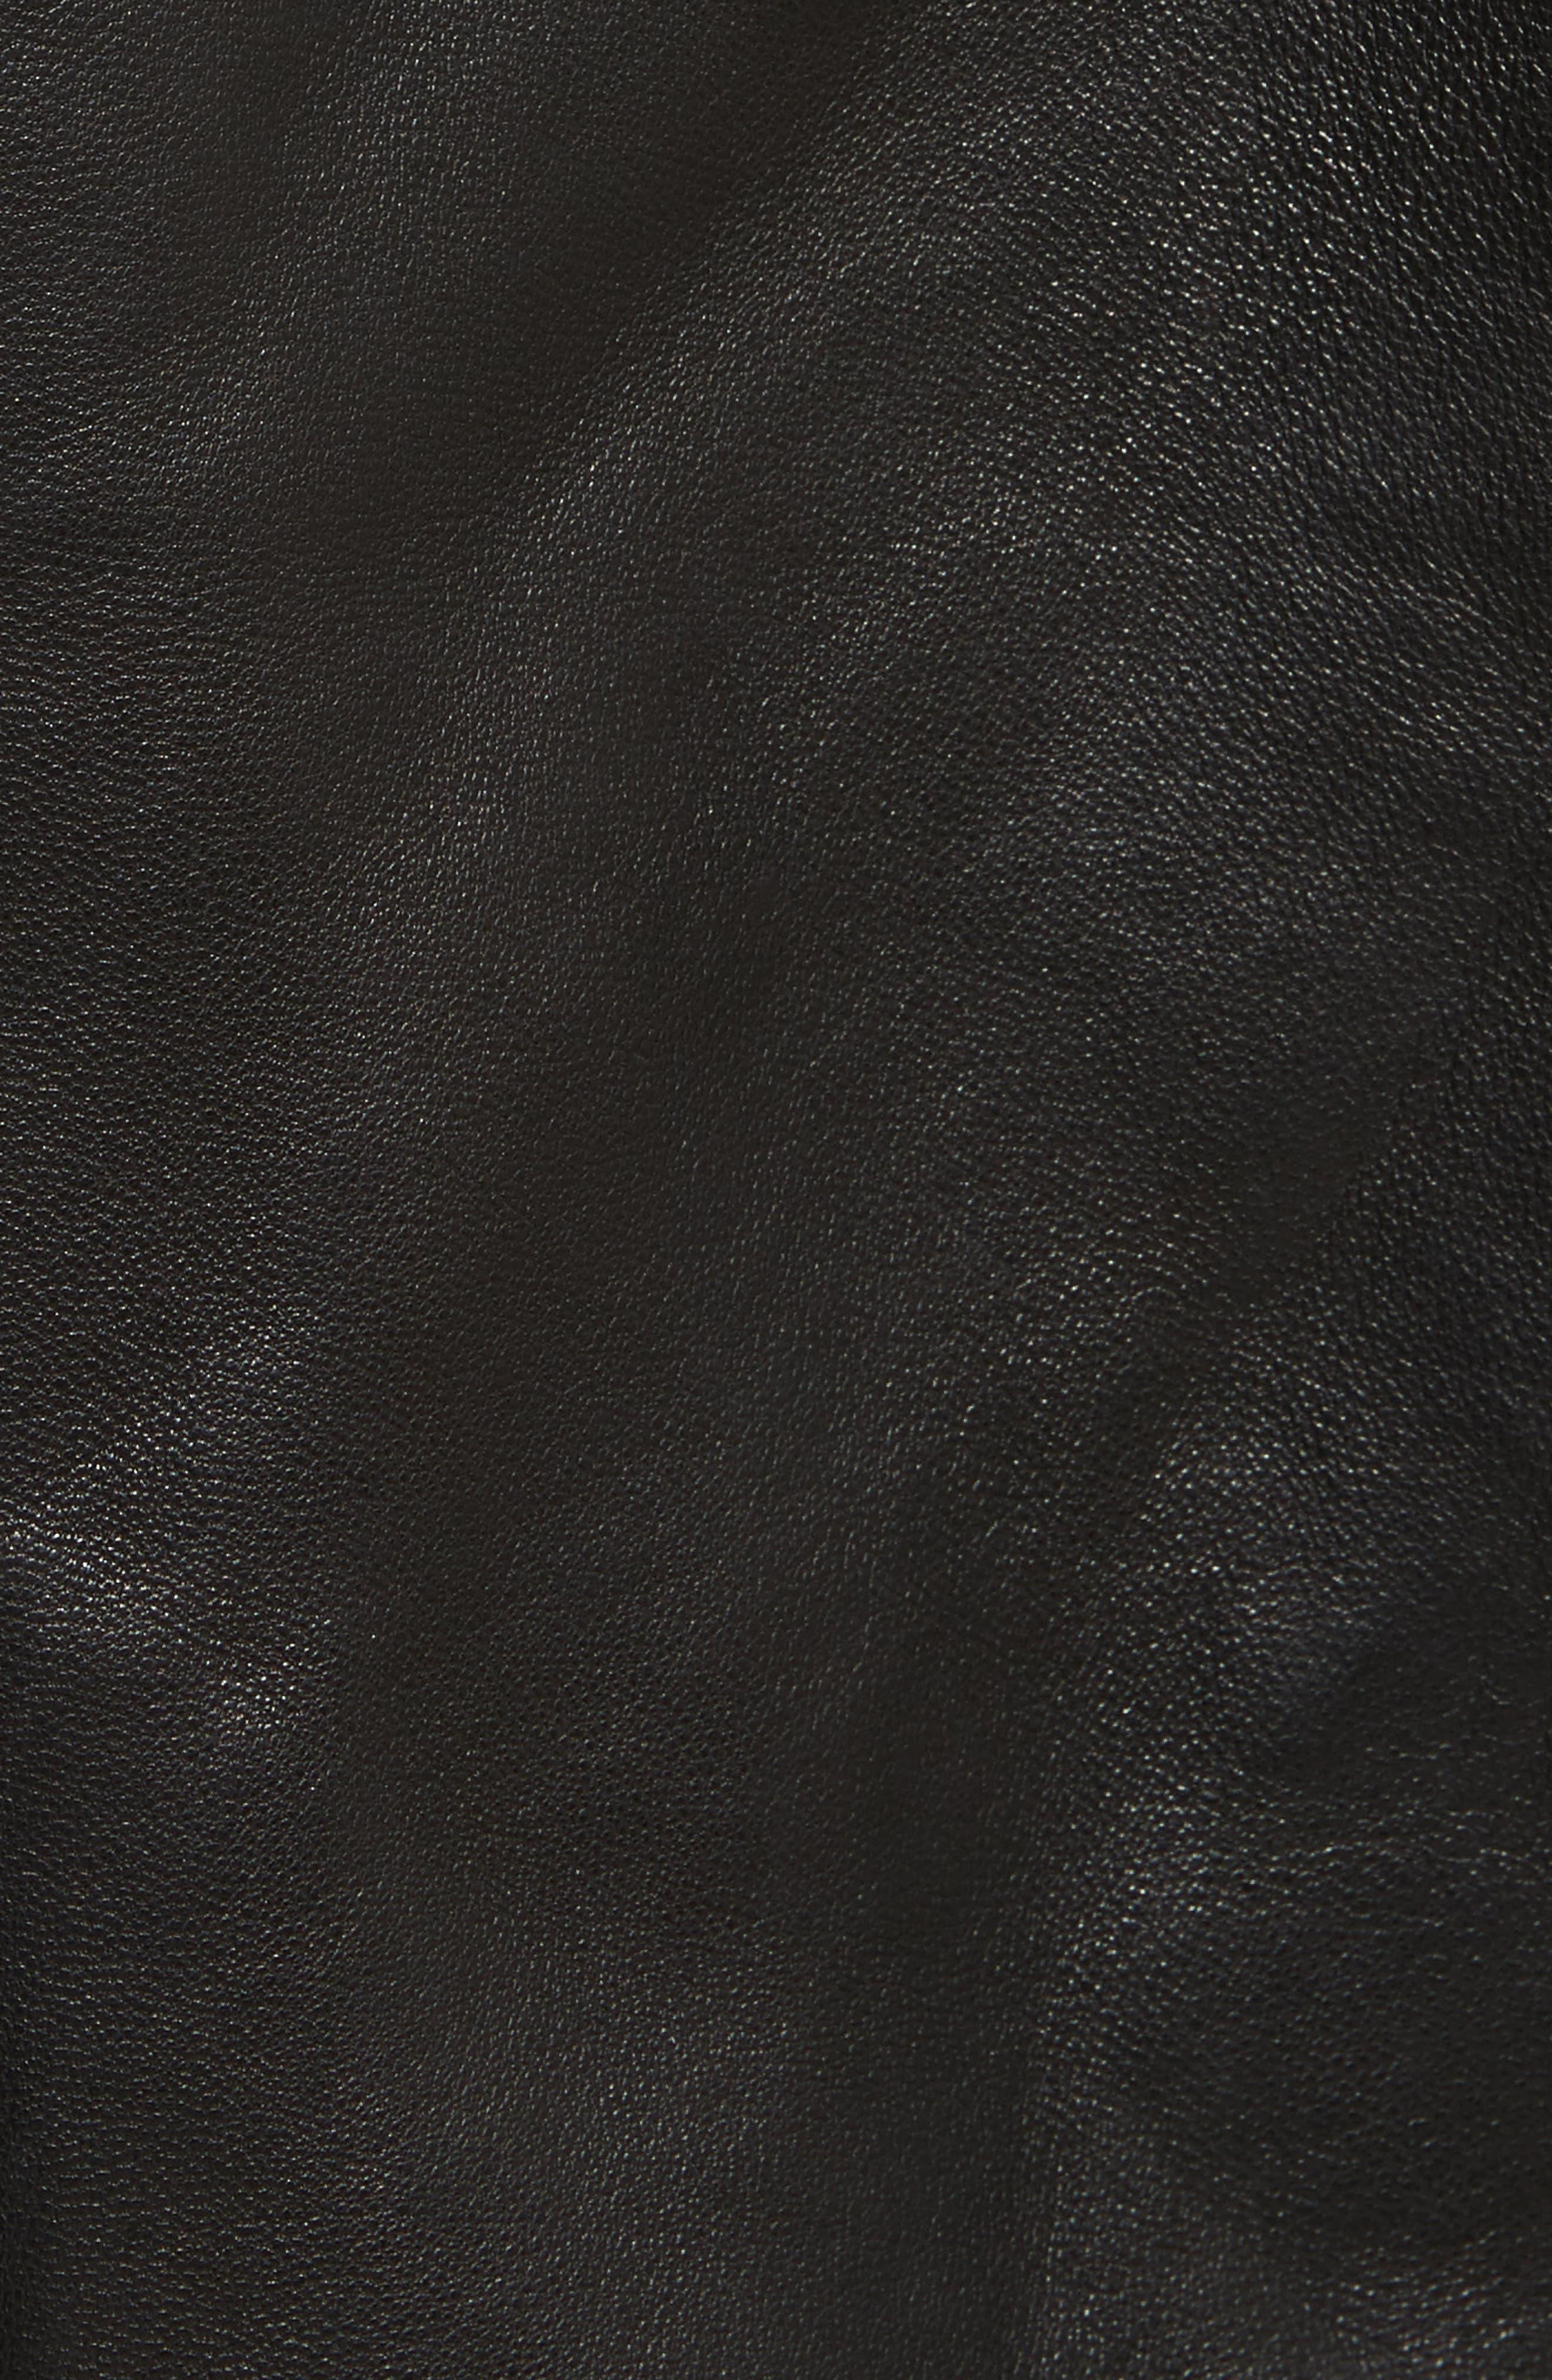 Dumont Leather Jacket,                             Alternate thumbnail 5, color,                             001